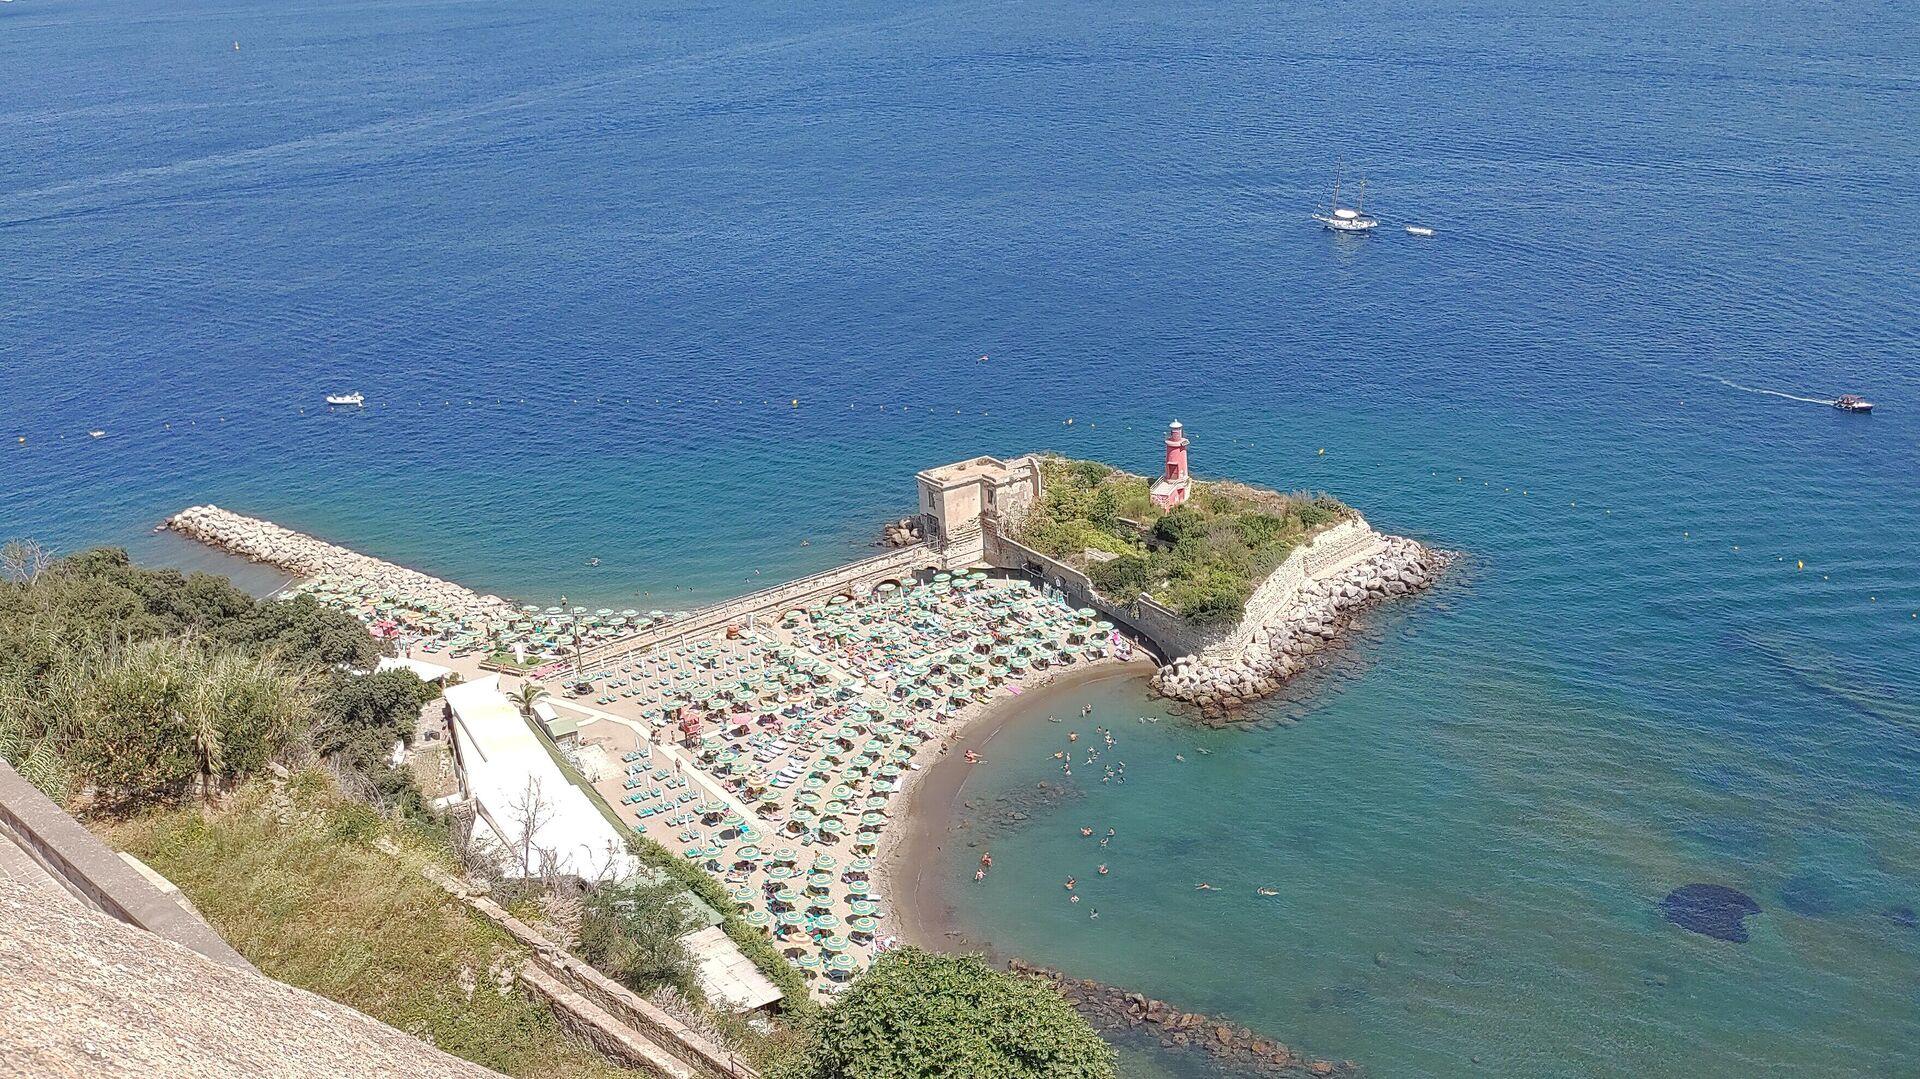 Estate spiaggia di Bacoli con ombrelloni, Napoli agosto 2021 - Sputnik Italia, 1920, 28.09.2021